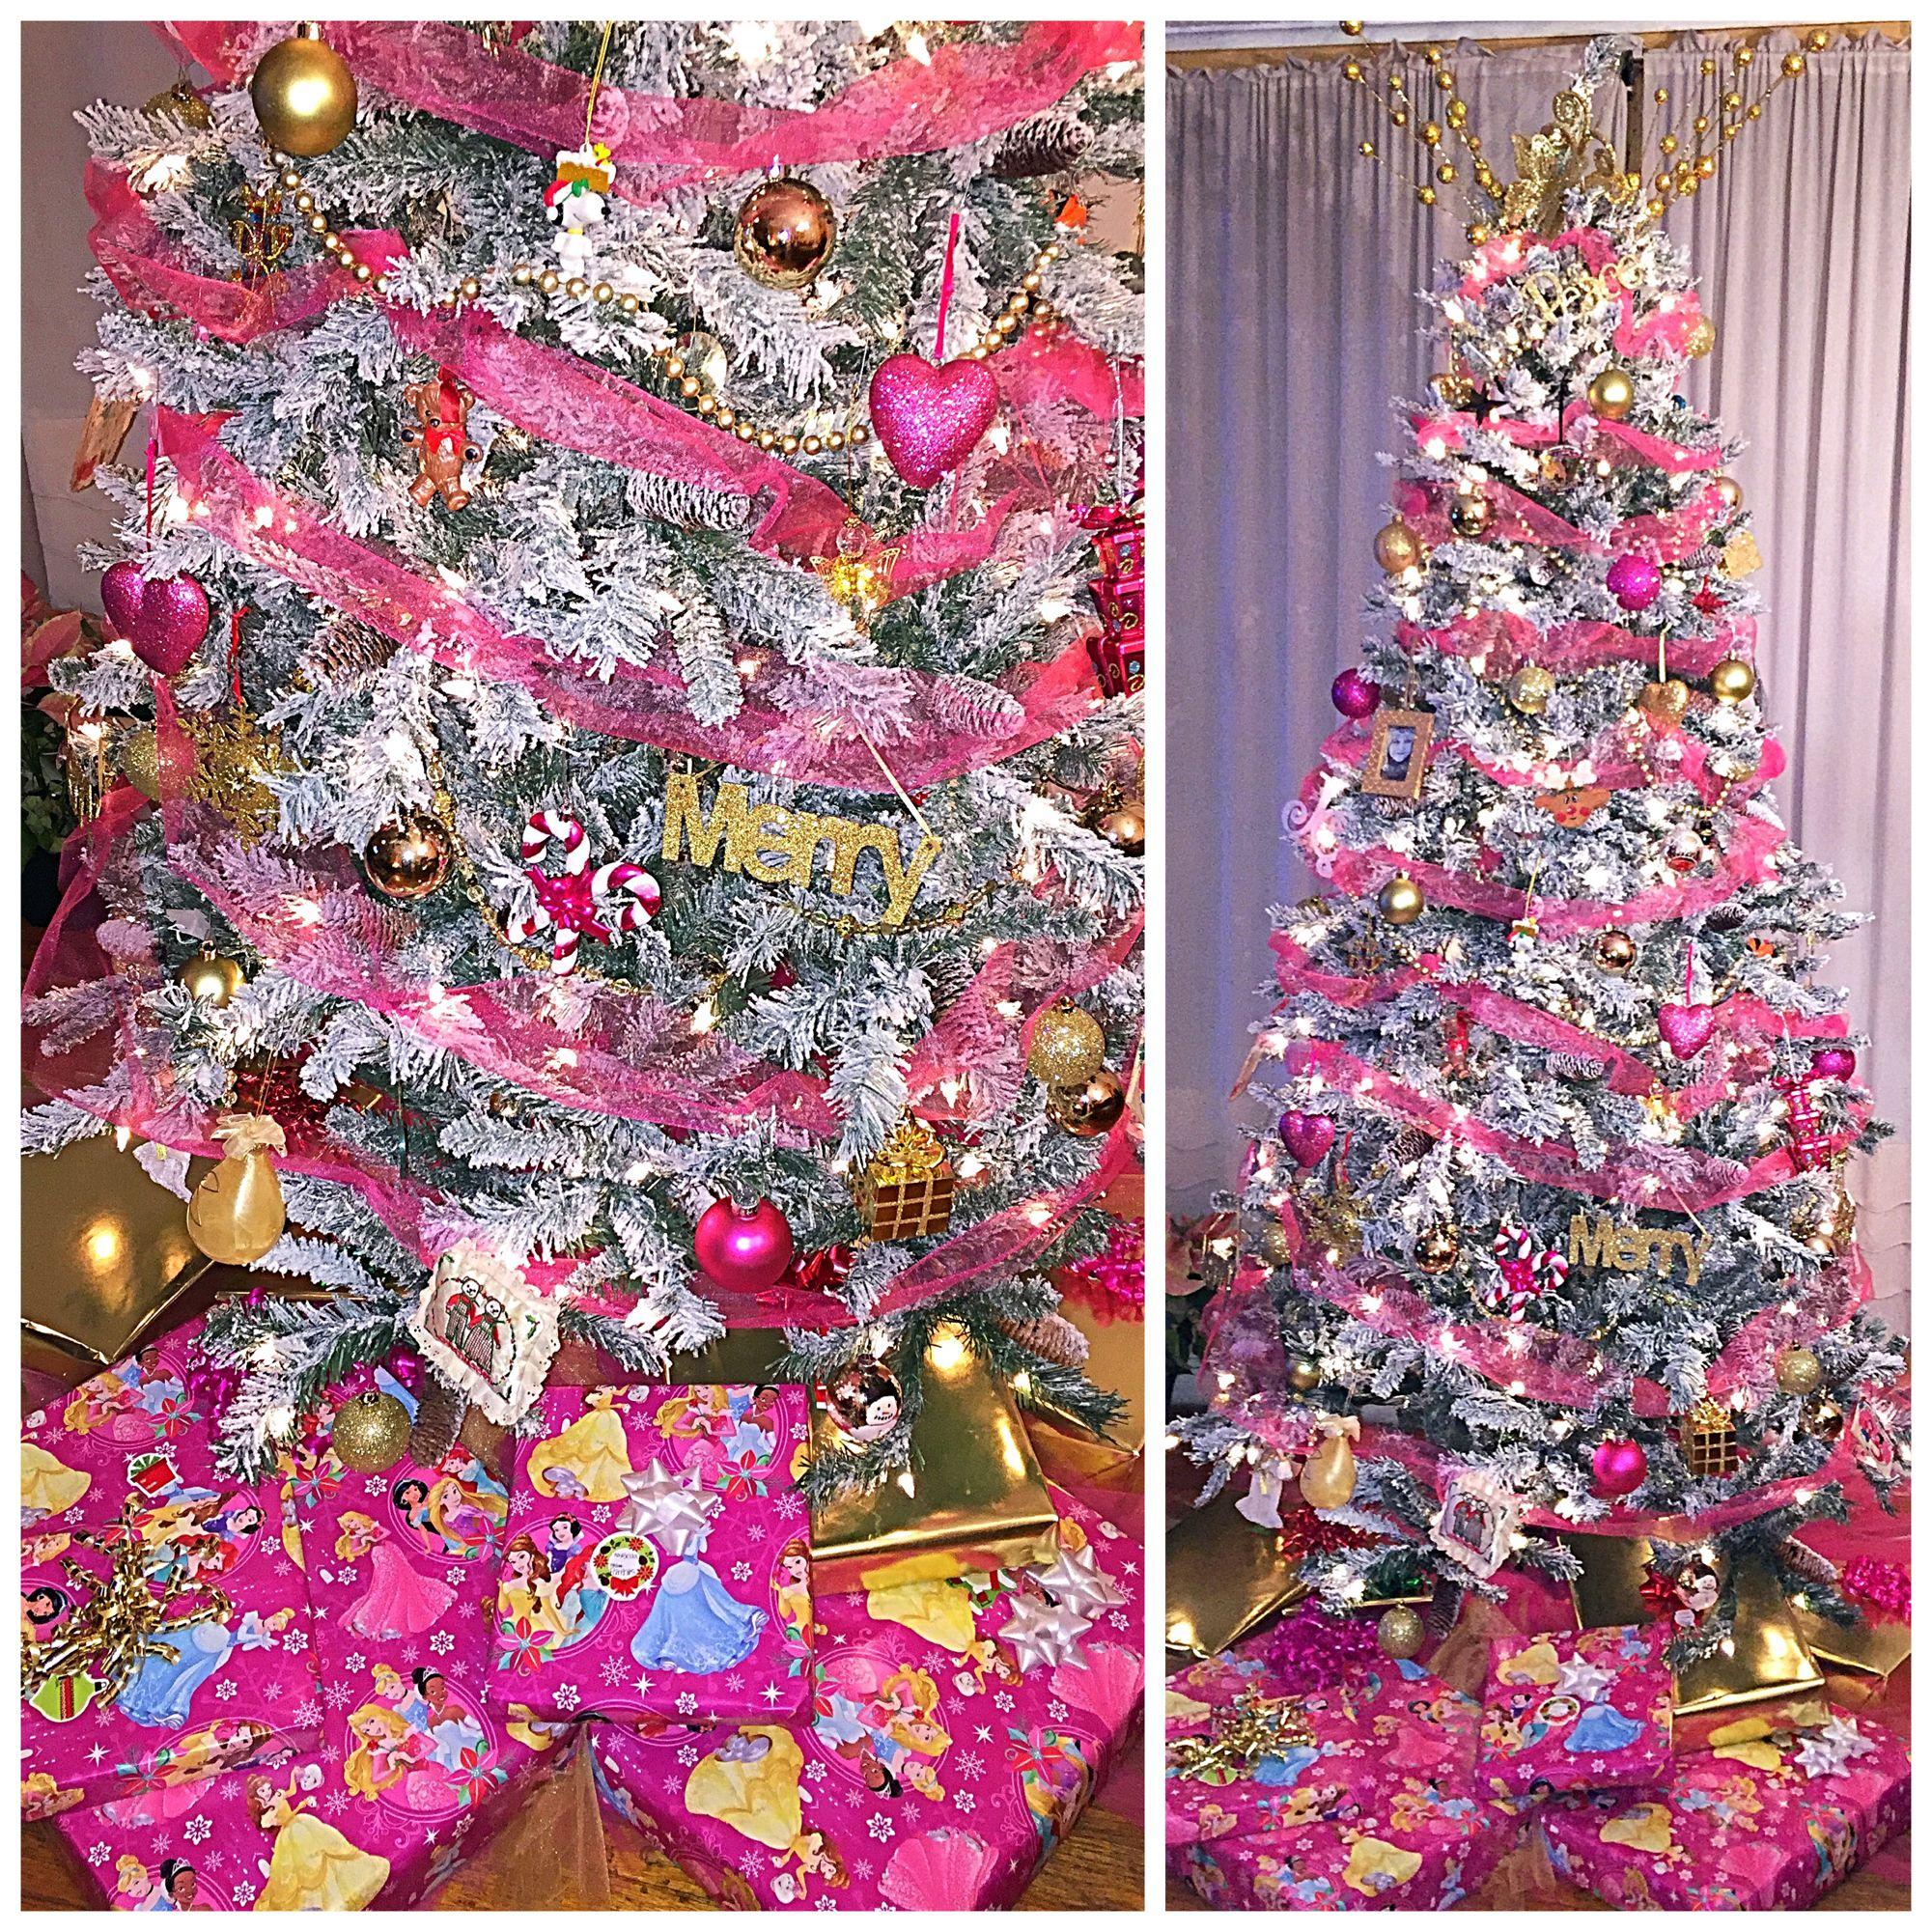 Disney Princess Christmas Tree Christmas Tree Christmas Tree Themes Disney Christmas